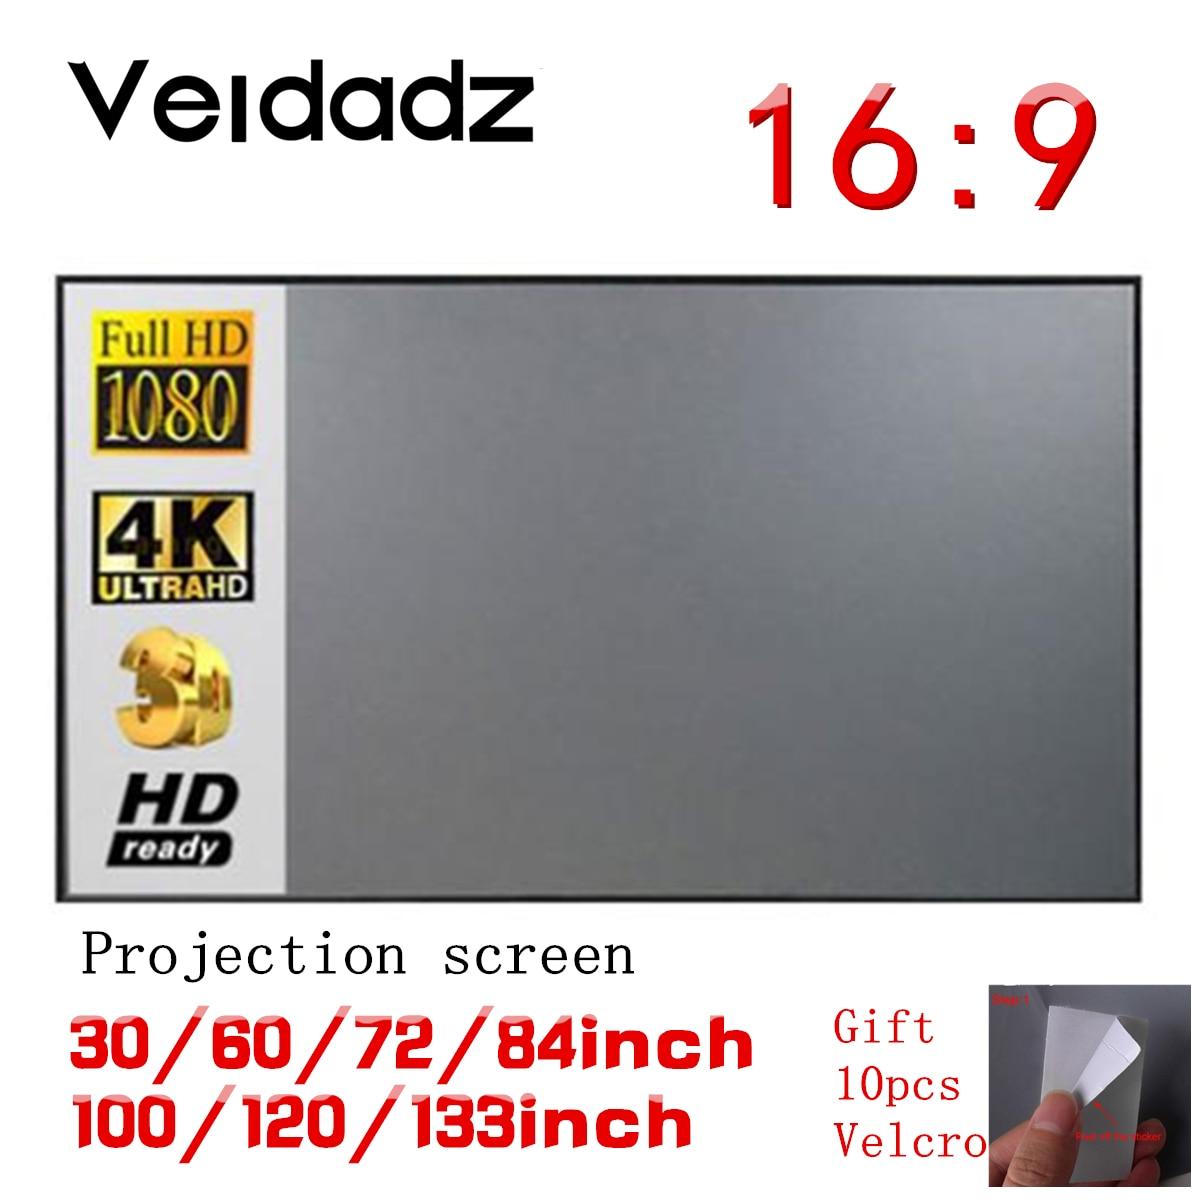 Простая занавеска VEIDADZ с экраном 16:9, 60, 72, 84, 100, 120 дюймов, для дома, улицы, офиса, портативный 3D HD Проекционный экран